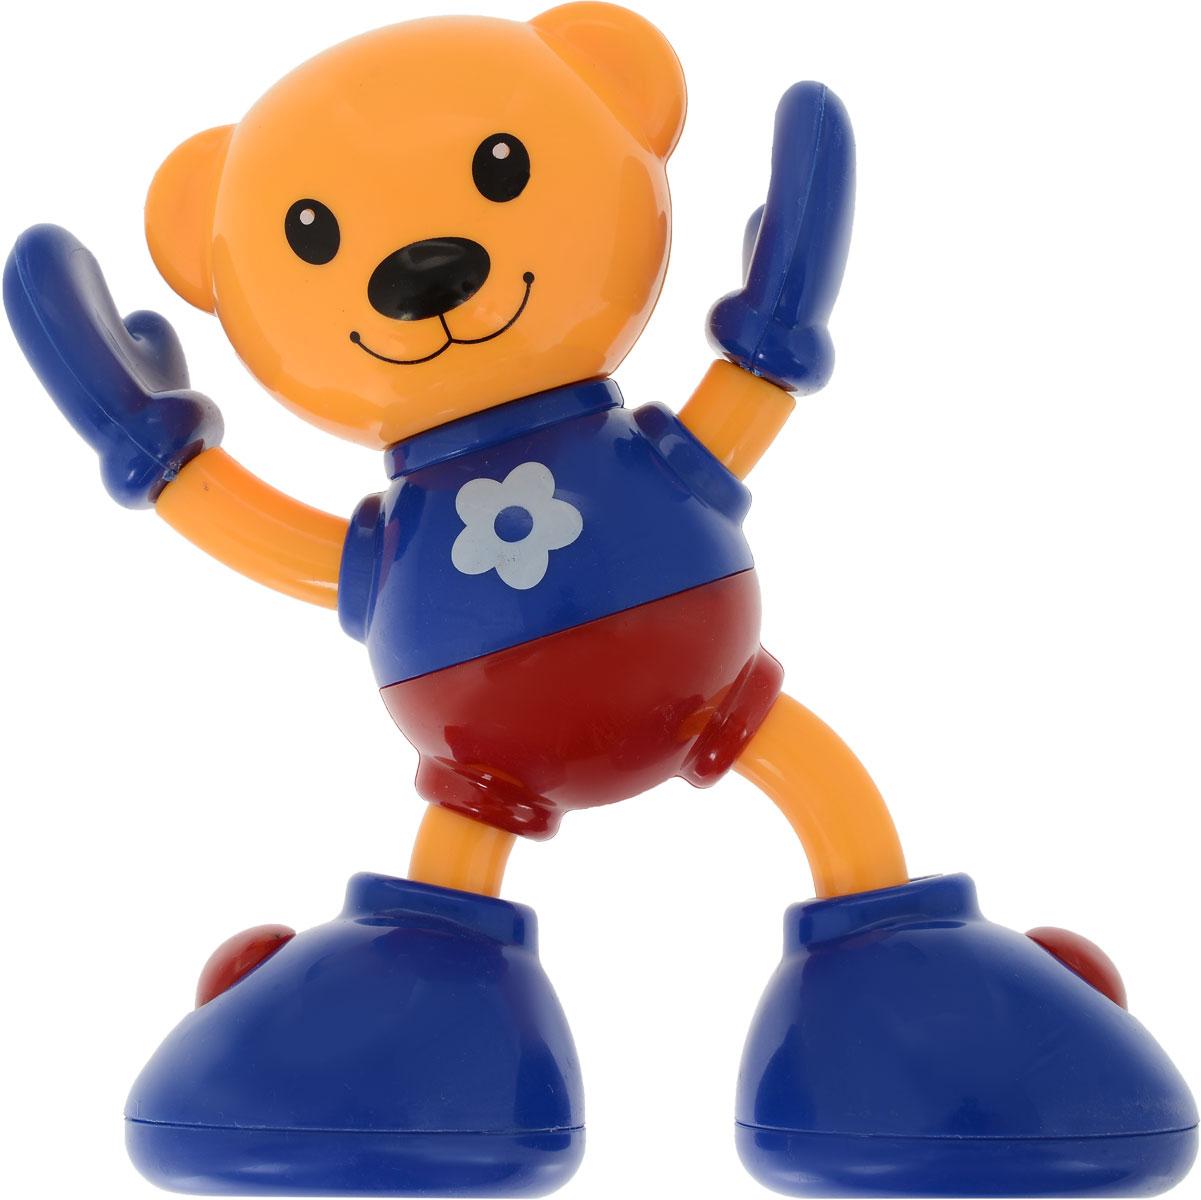 Ути-Пути Развивающая игрушка Медвежонок цвет оранжевый цена и фото